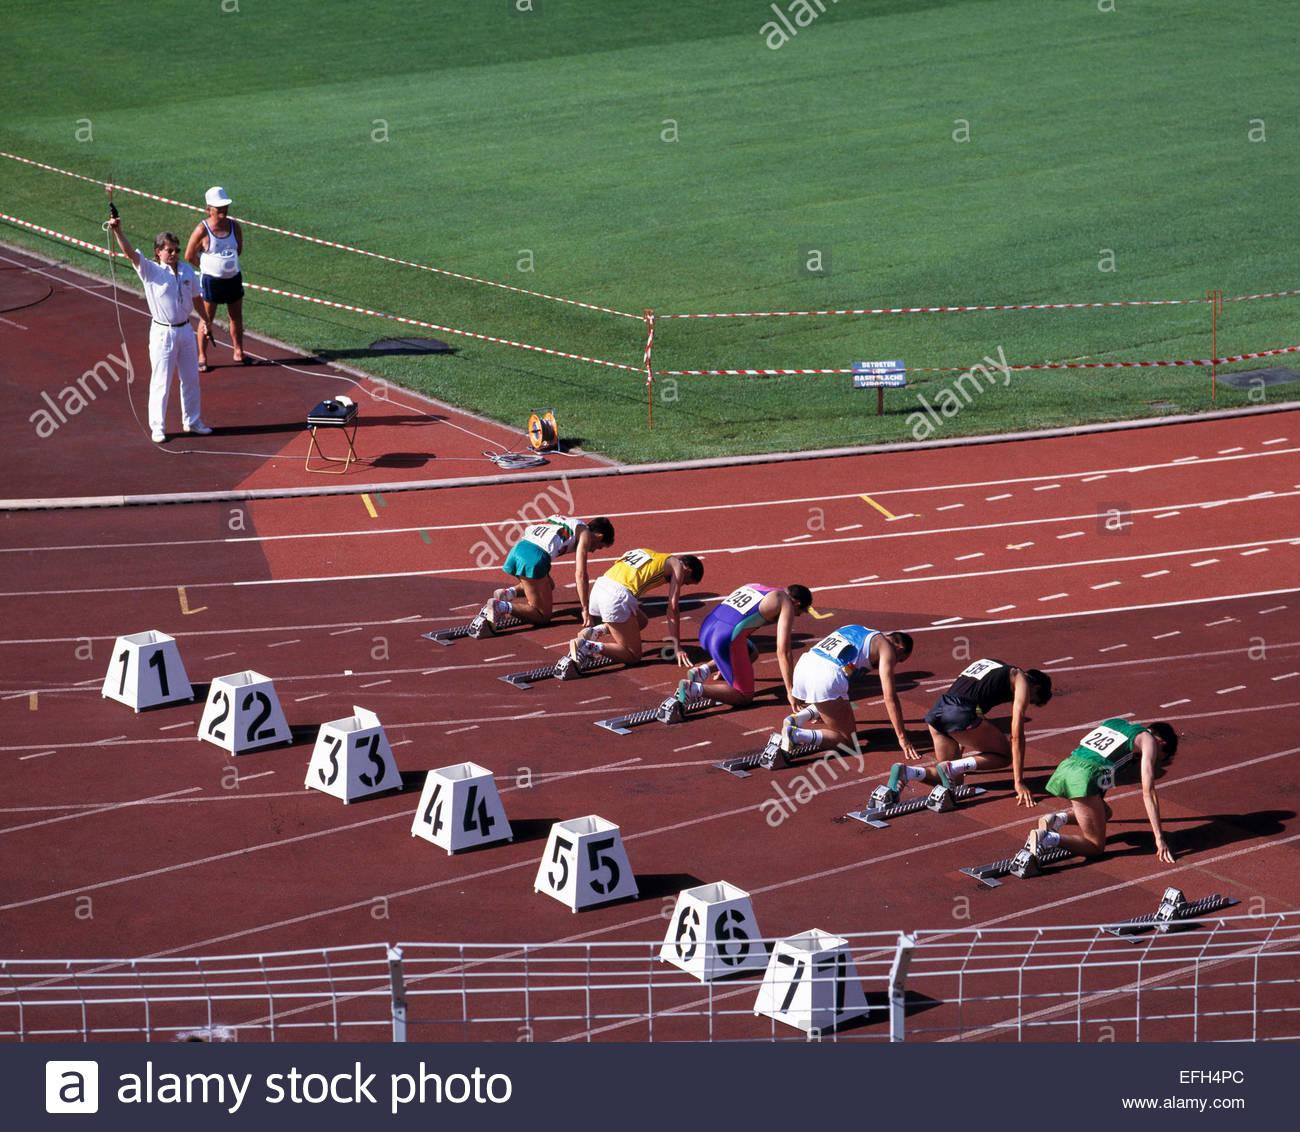 D-Saarbruecken, Saar, Saarland, Ludwigsparkstadion, Sportveranstaltung, Leichtathletik, Laufwettbewerb, Laeufer, - Stock Image